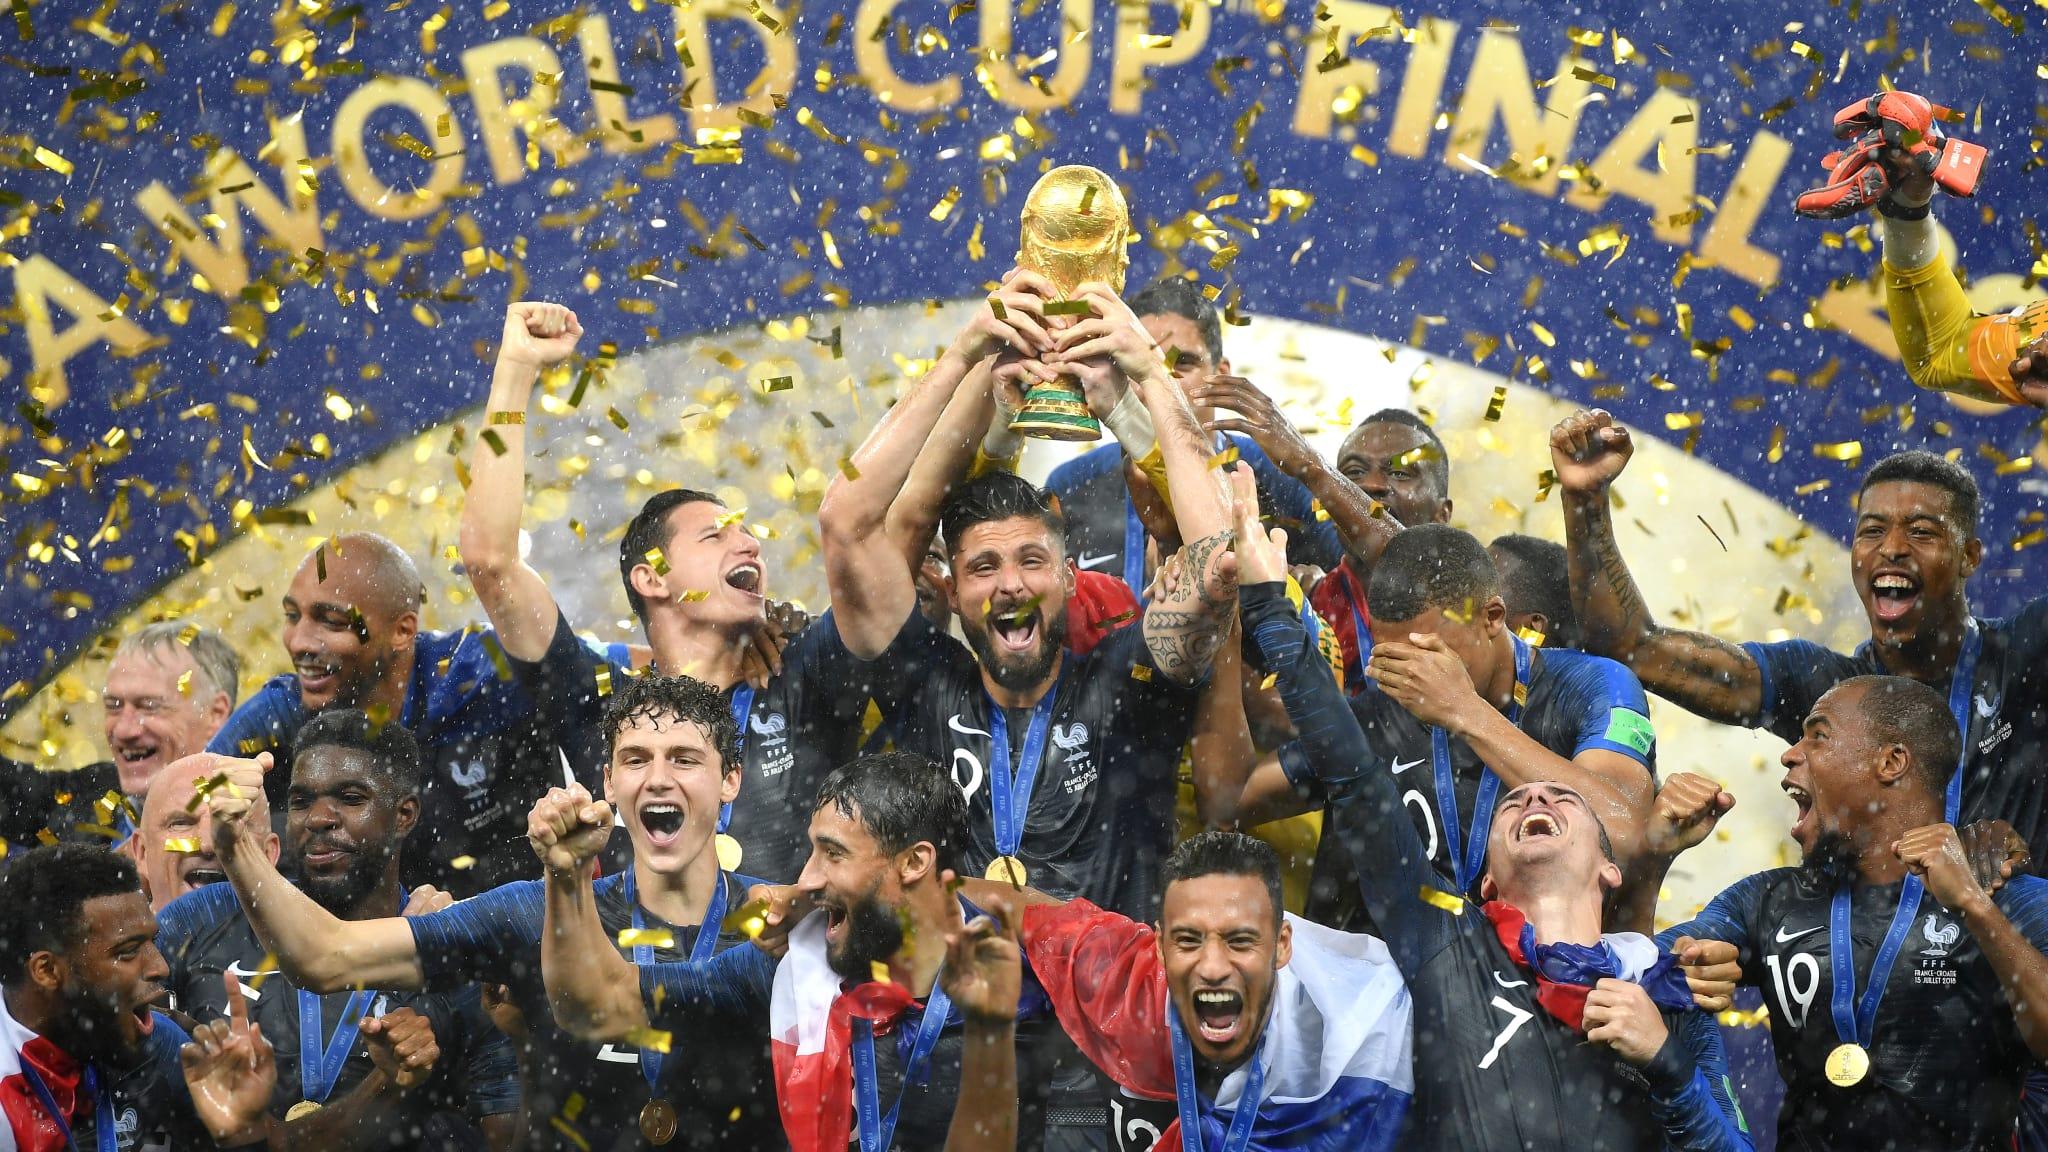 Цифра дня: Сколько кибератак отразили на Чемпионате мира по футболу?